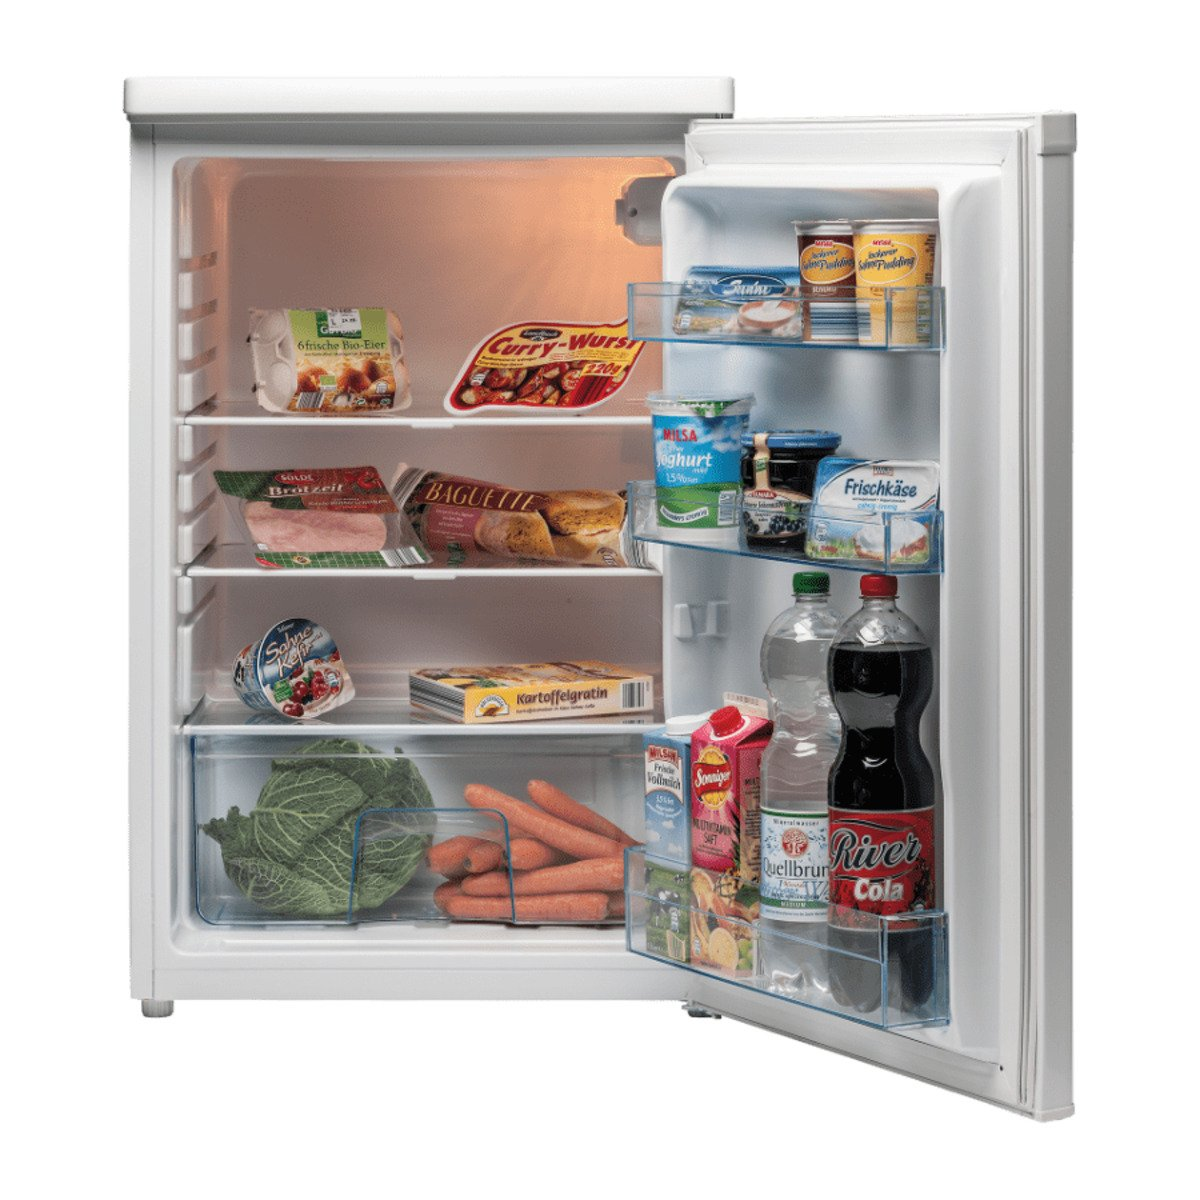 Bild 2 von QUIGG     Vollraum-Kühlschrank MD 13854